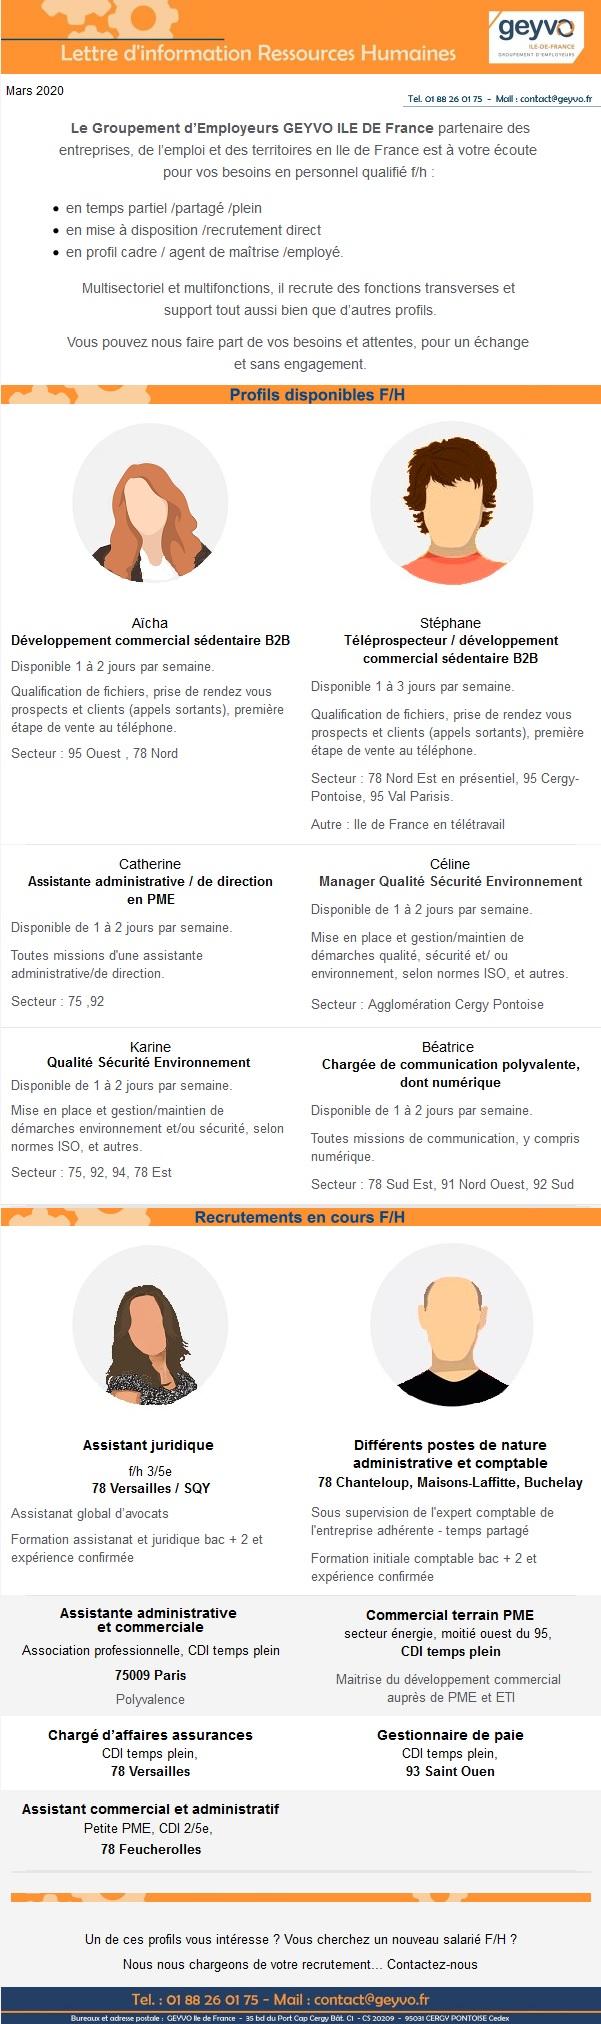 """Lettre """"Compétences et Recrutements"""" Mars 2020"""